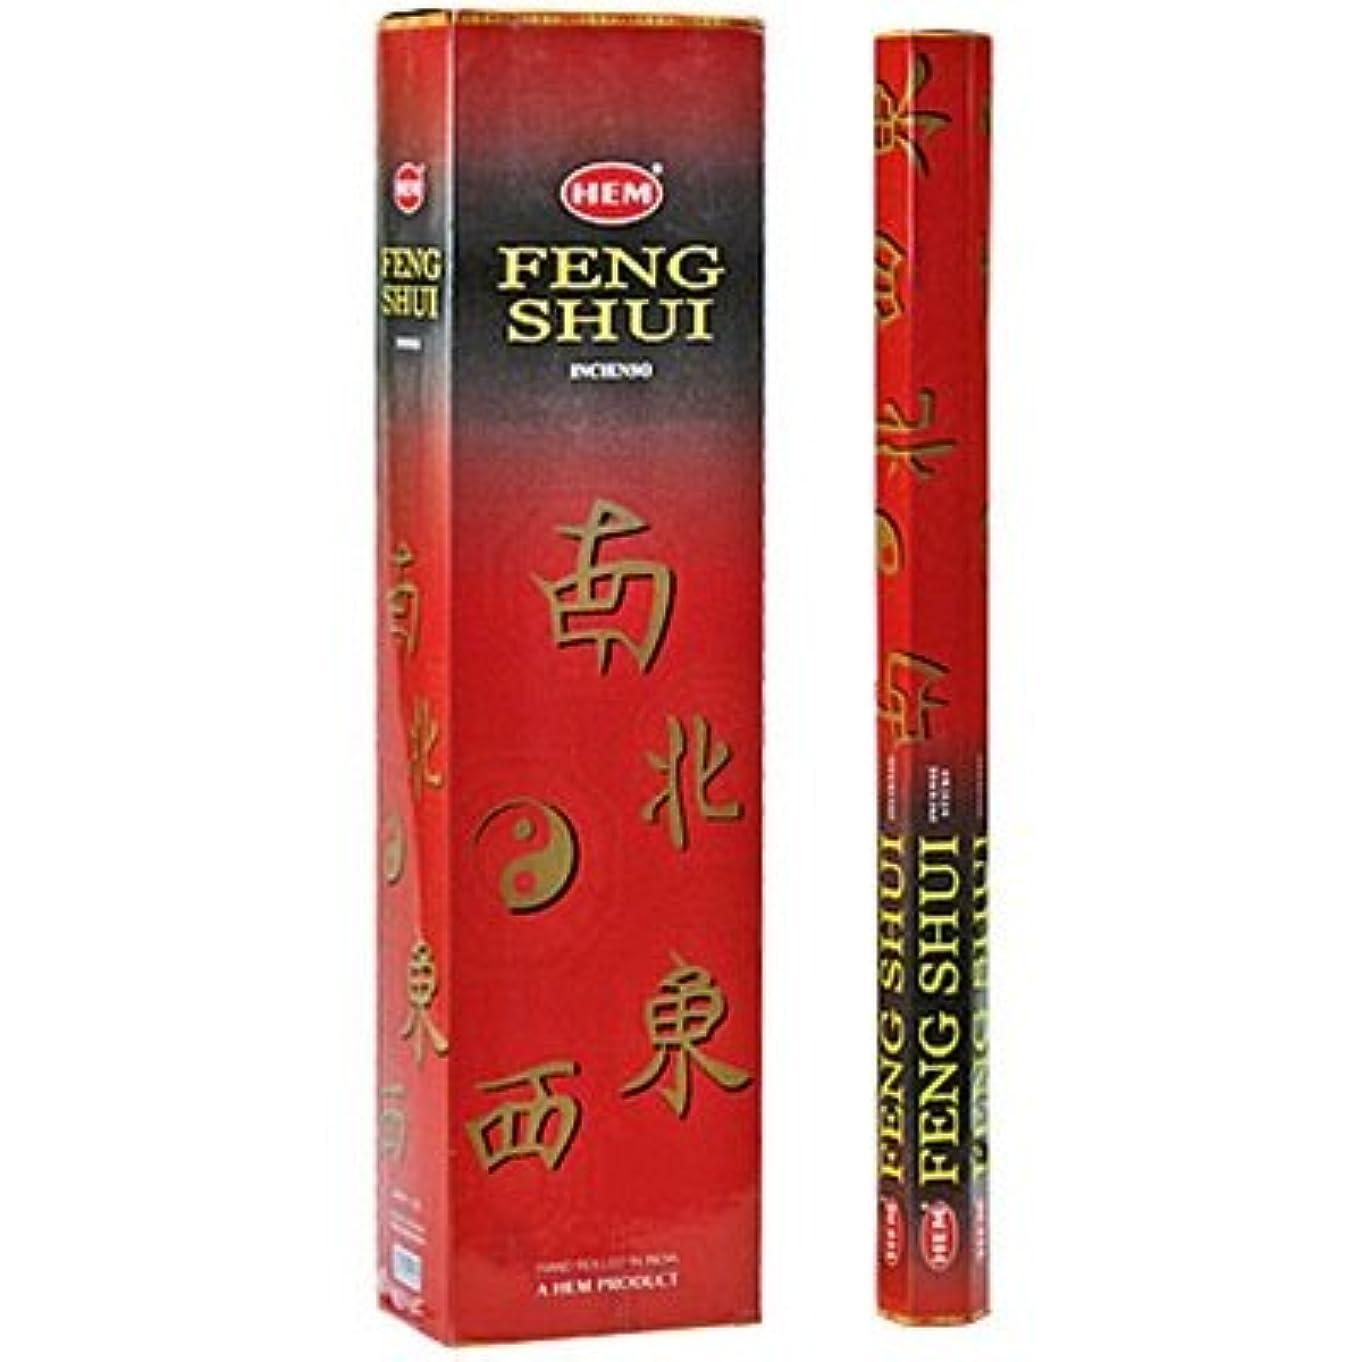 うま踏みつけ移動Feng Shui – 裾ジャンボ16インチIncense Sticks 10スティック六角ボックス(セットof 6 )